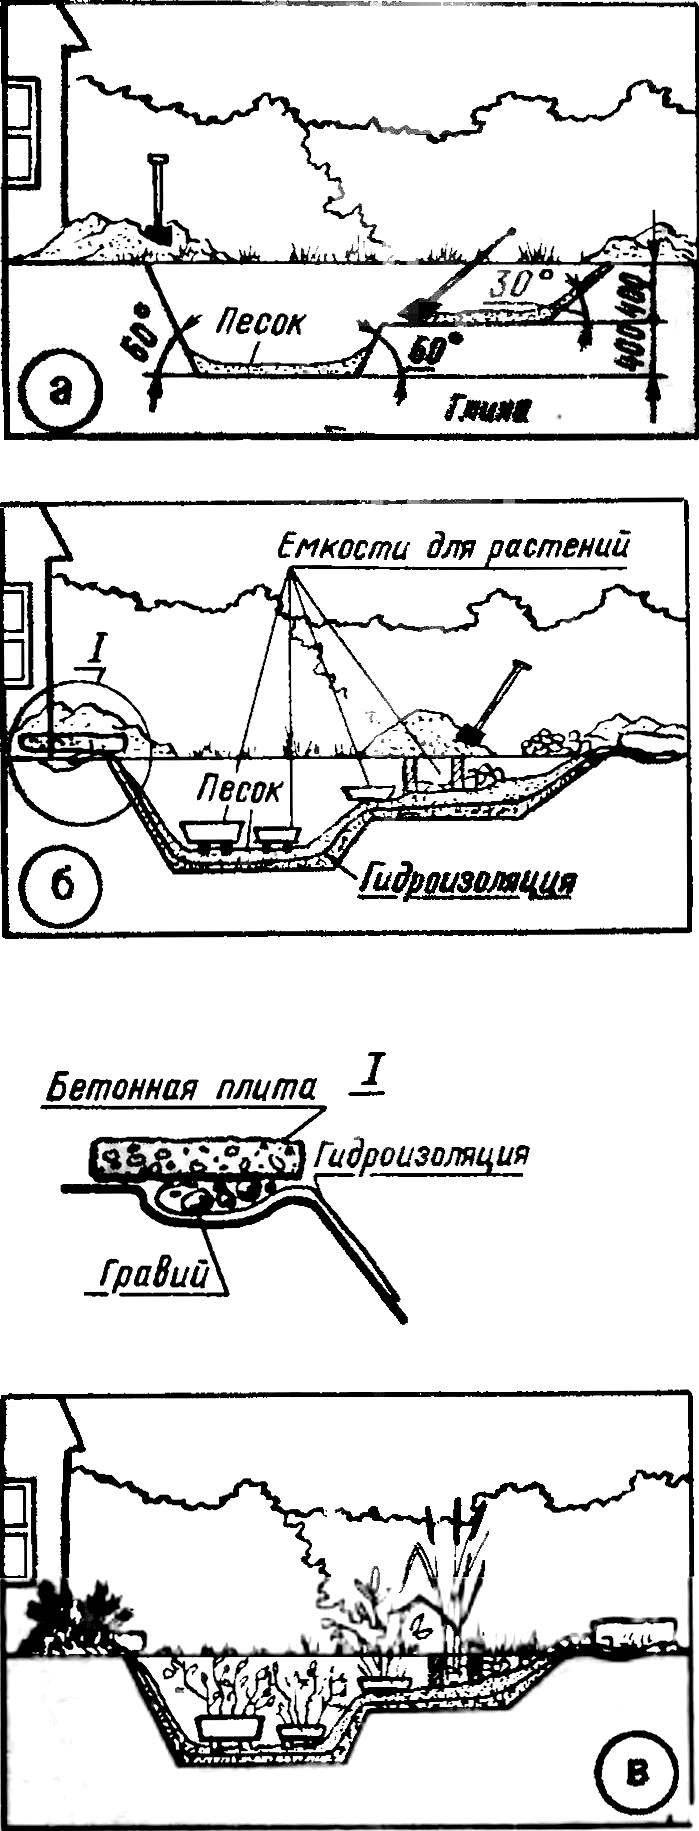 Основные этапы работы по устройству на приусадебном участке мини-озера.